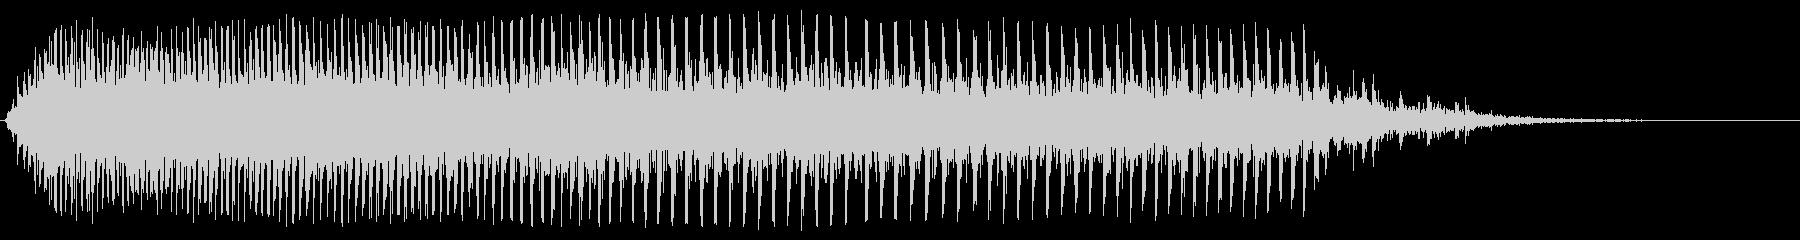 ギー(古い木製のドアが閉まる音)の未再生の波形